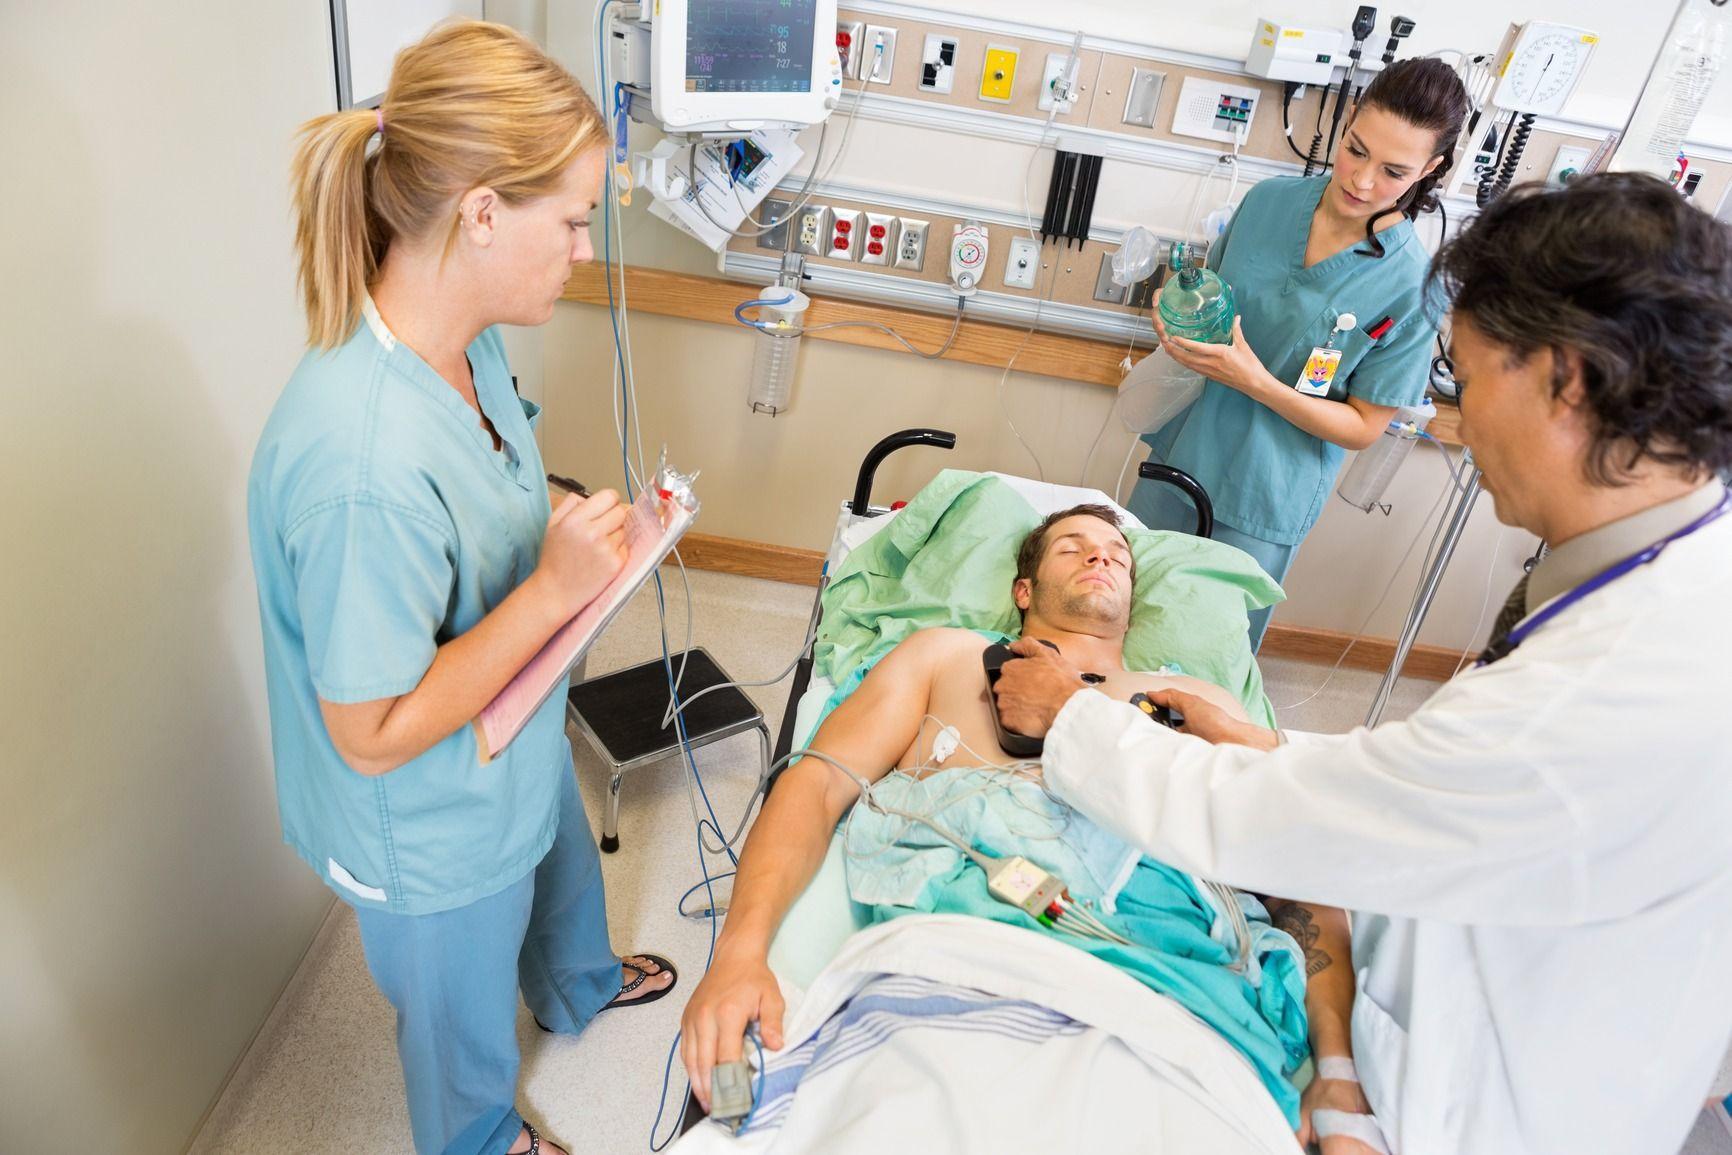 Эксперты усомнились в данных ФОМС по врачебным ошибкам